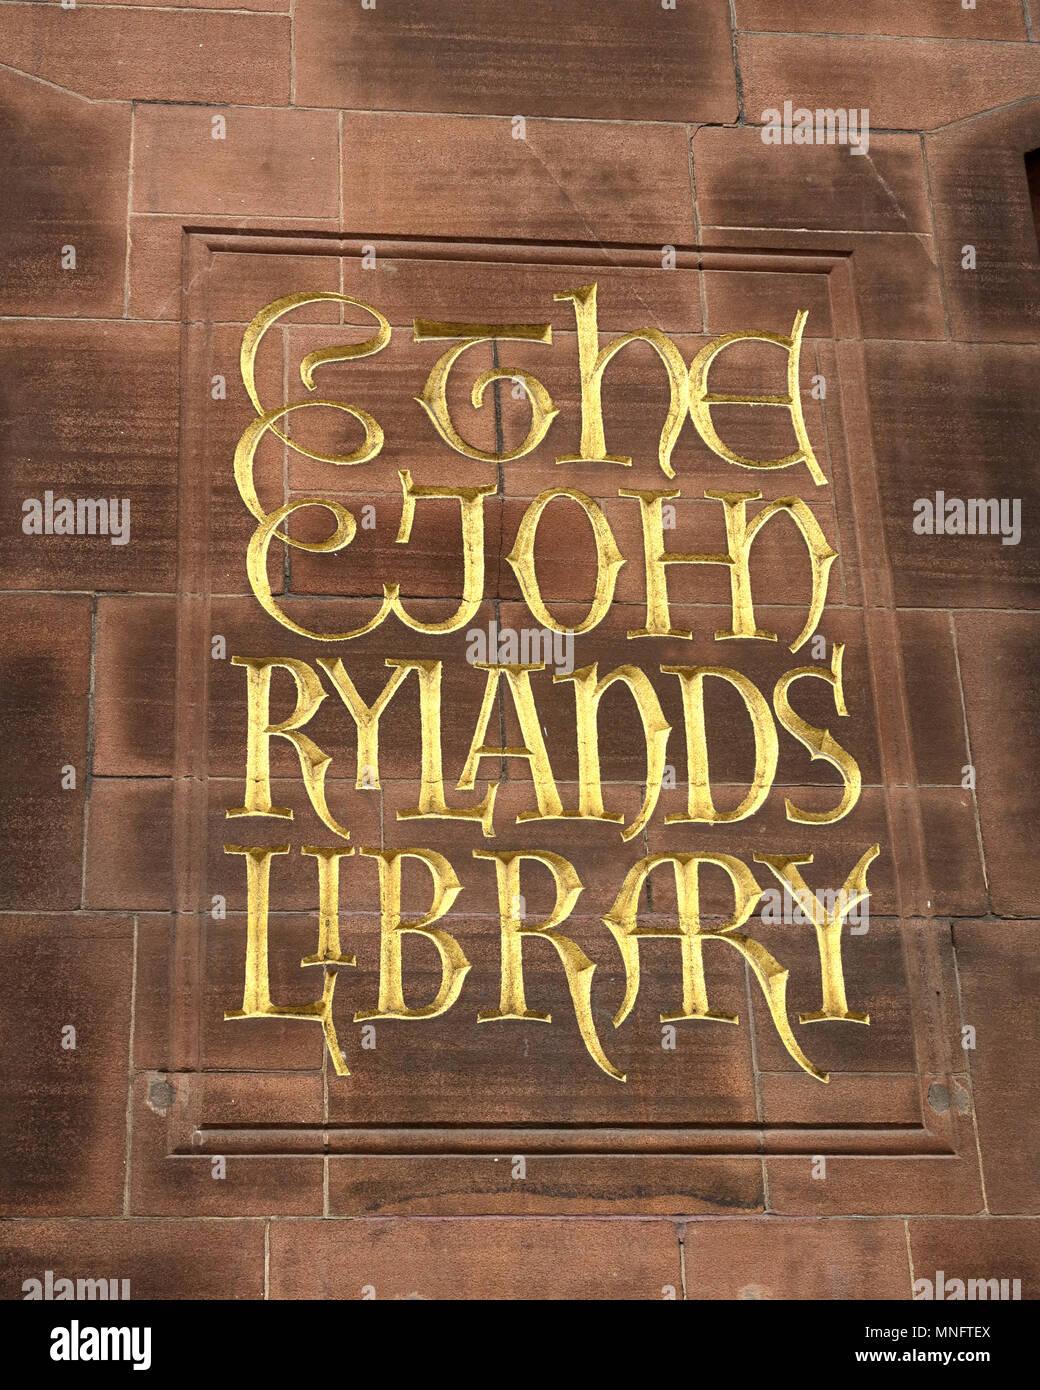 Laden Sie dieses Alamy Stockfoto John Rylands Library, Deansgate, Manchester, Lancashire, England, Großbritannien - MNFTEX